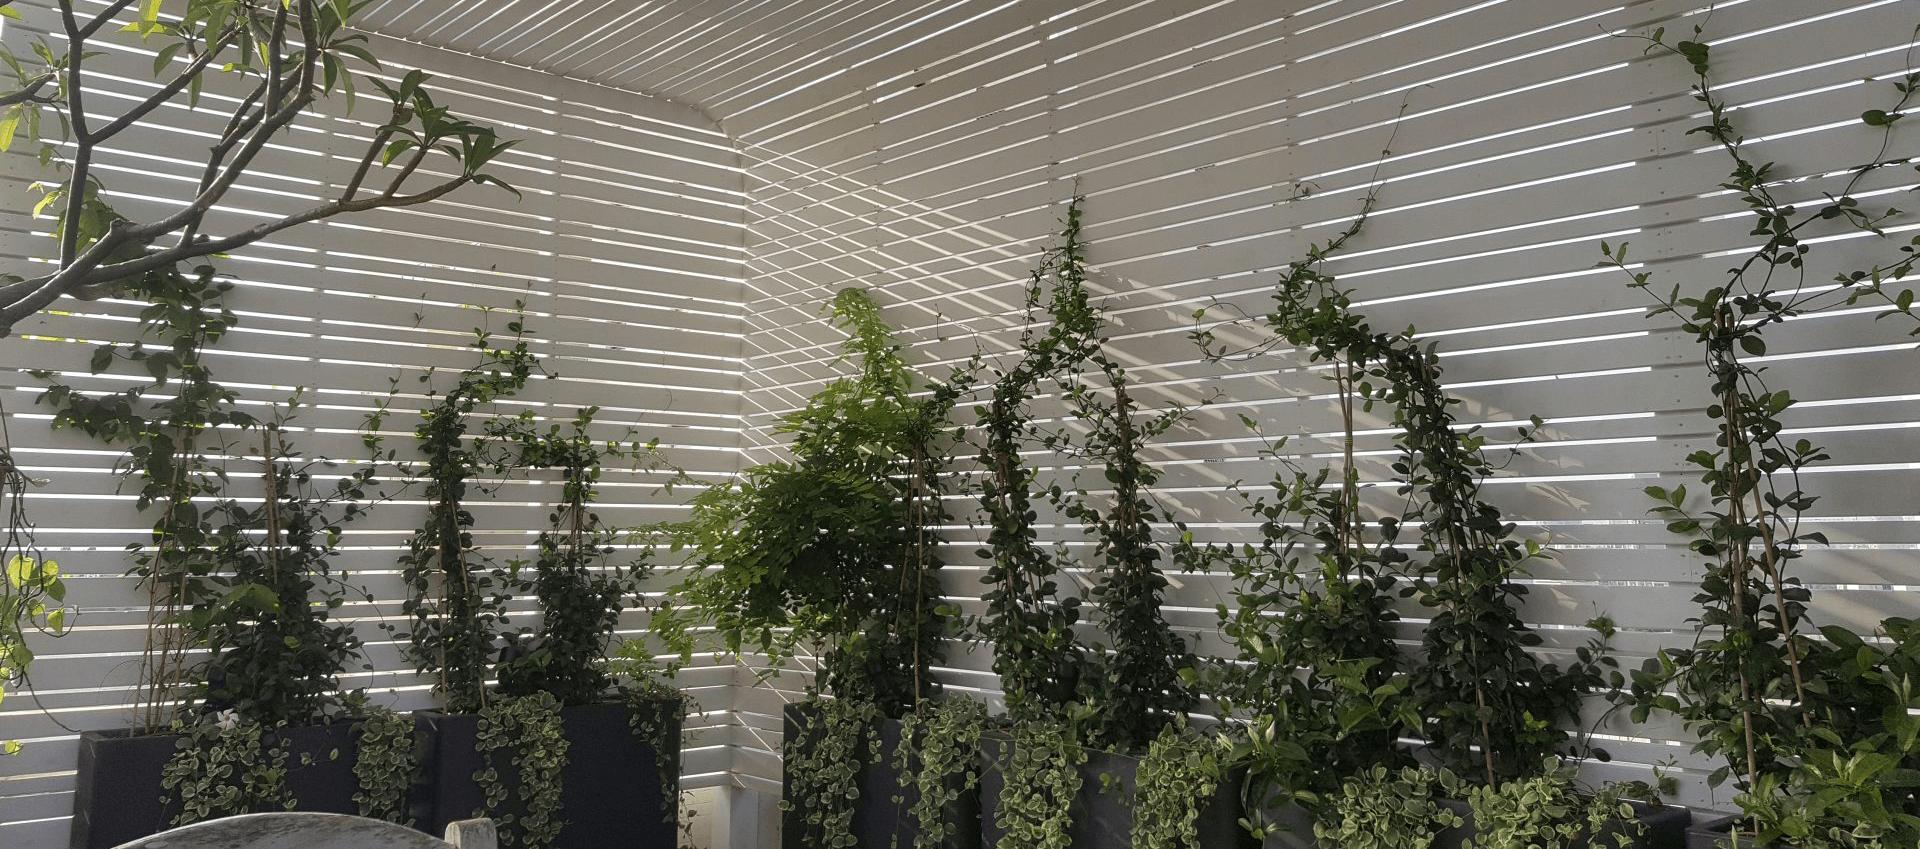 שילוב צמחים מטפסים בגינה